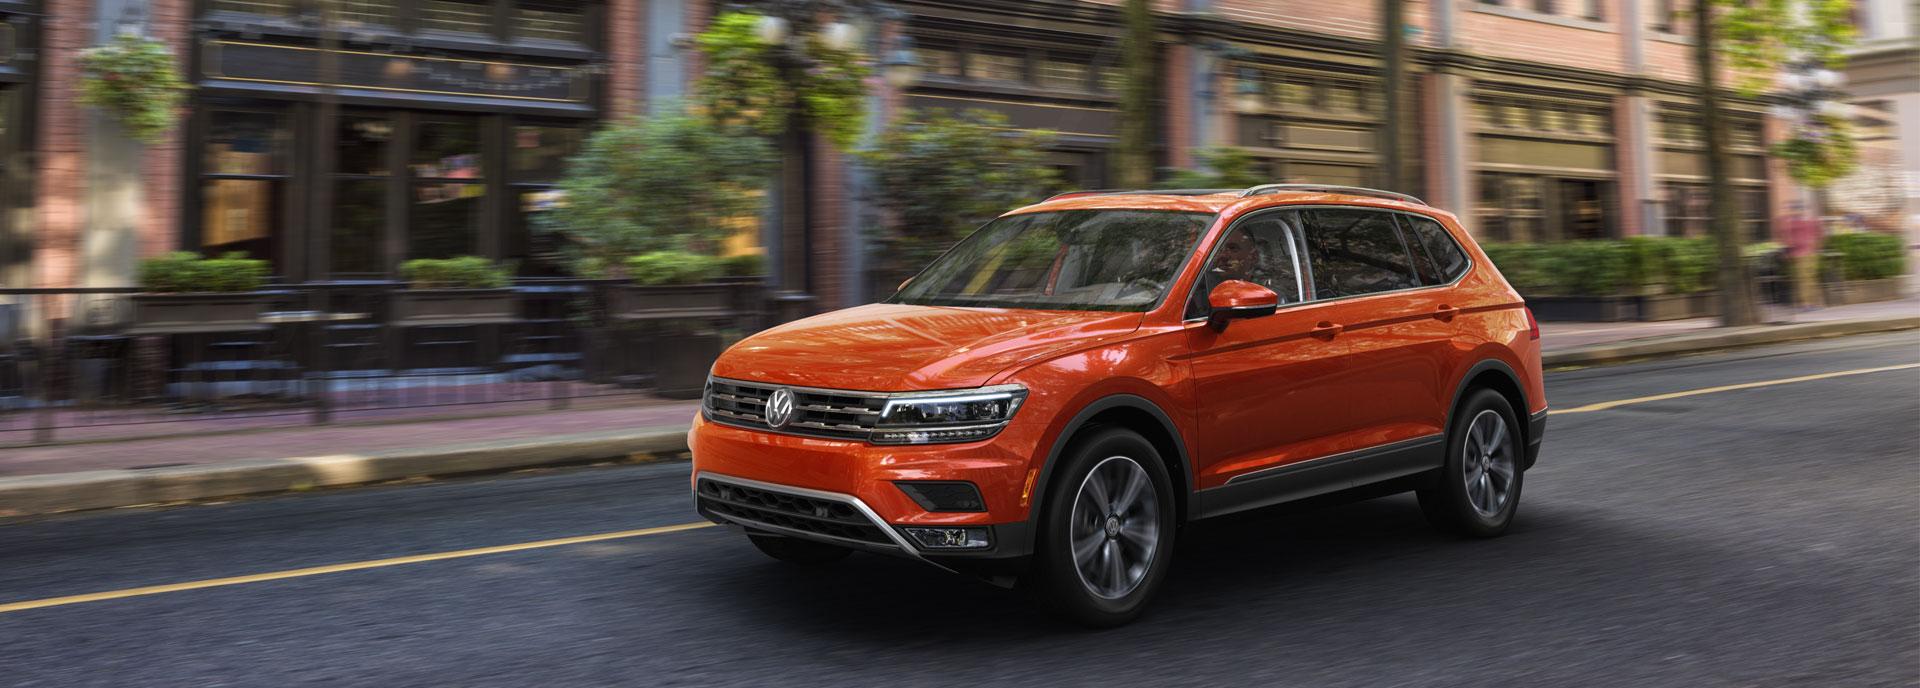 Volkswagen Tiguan Hero Image